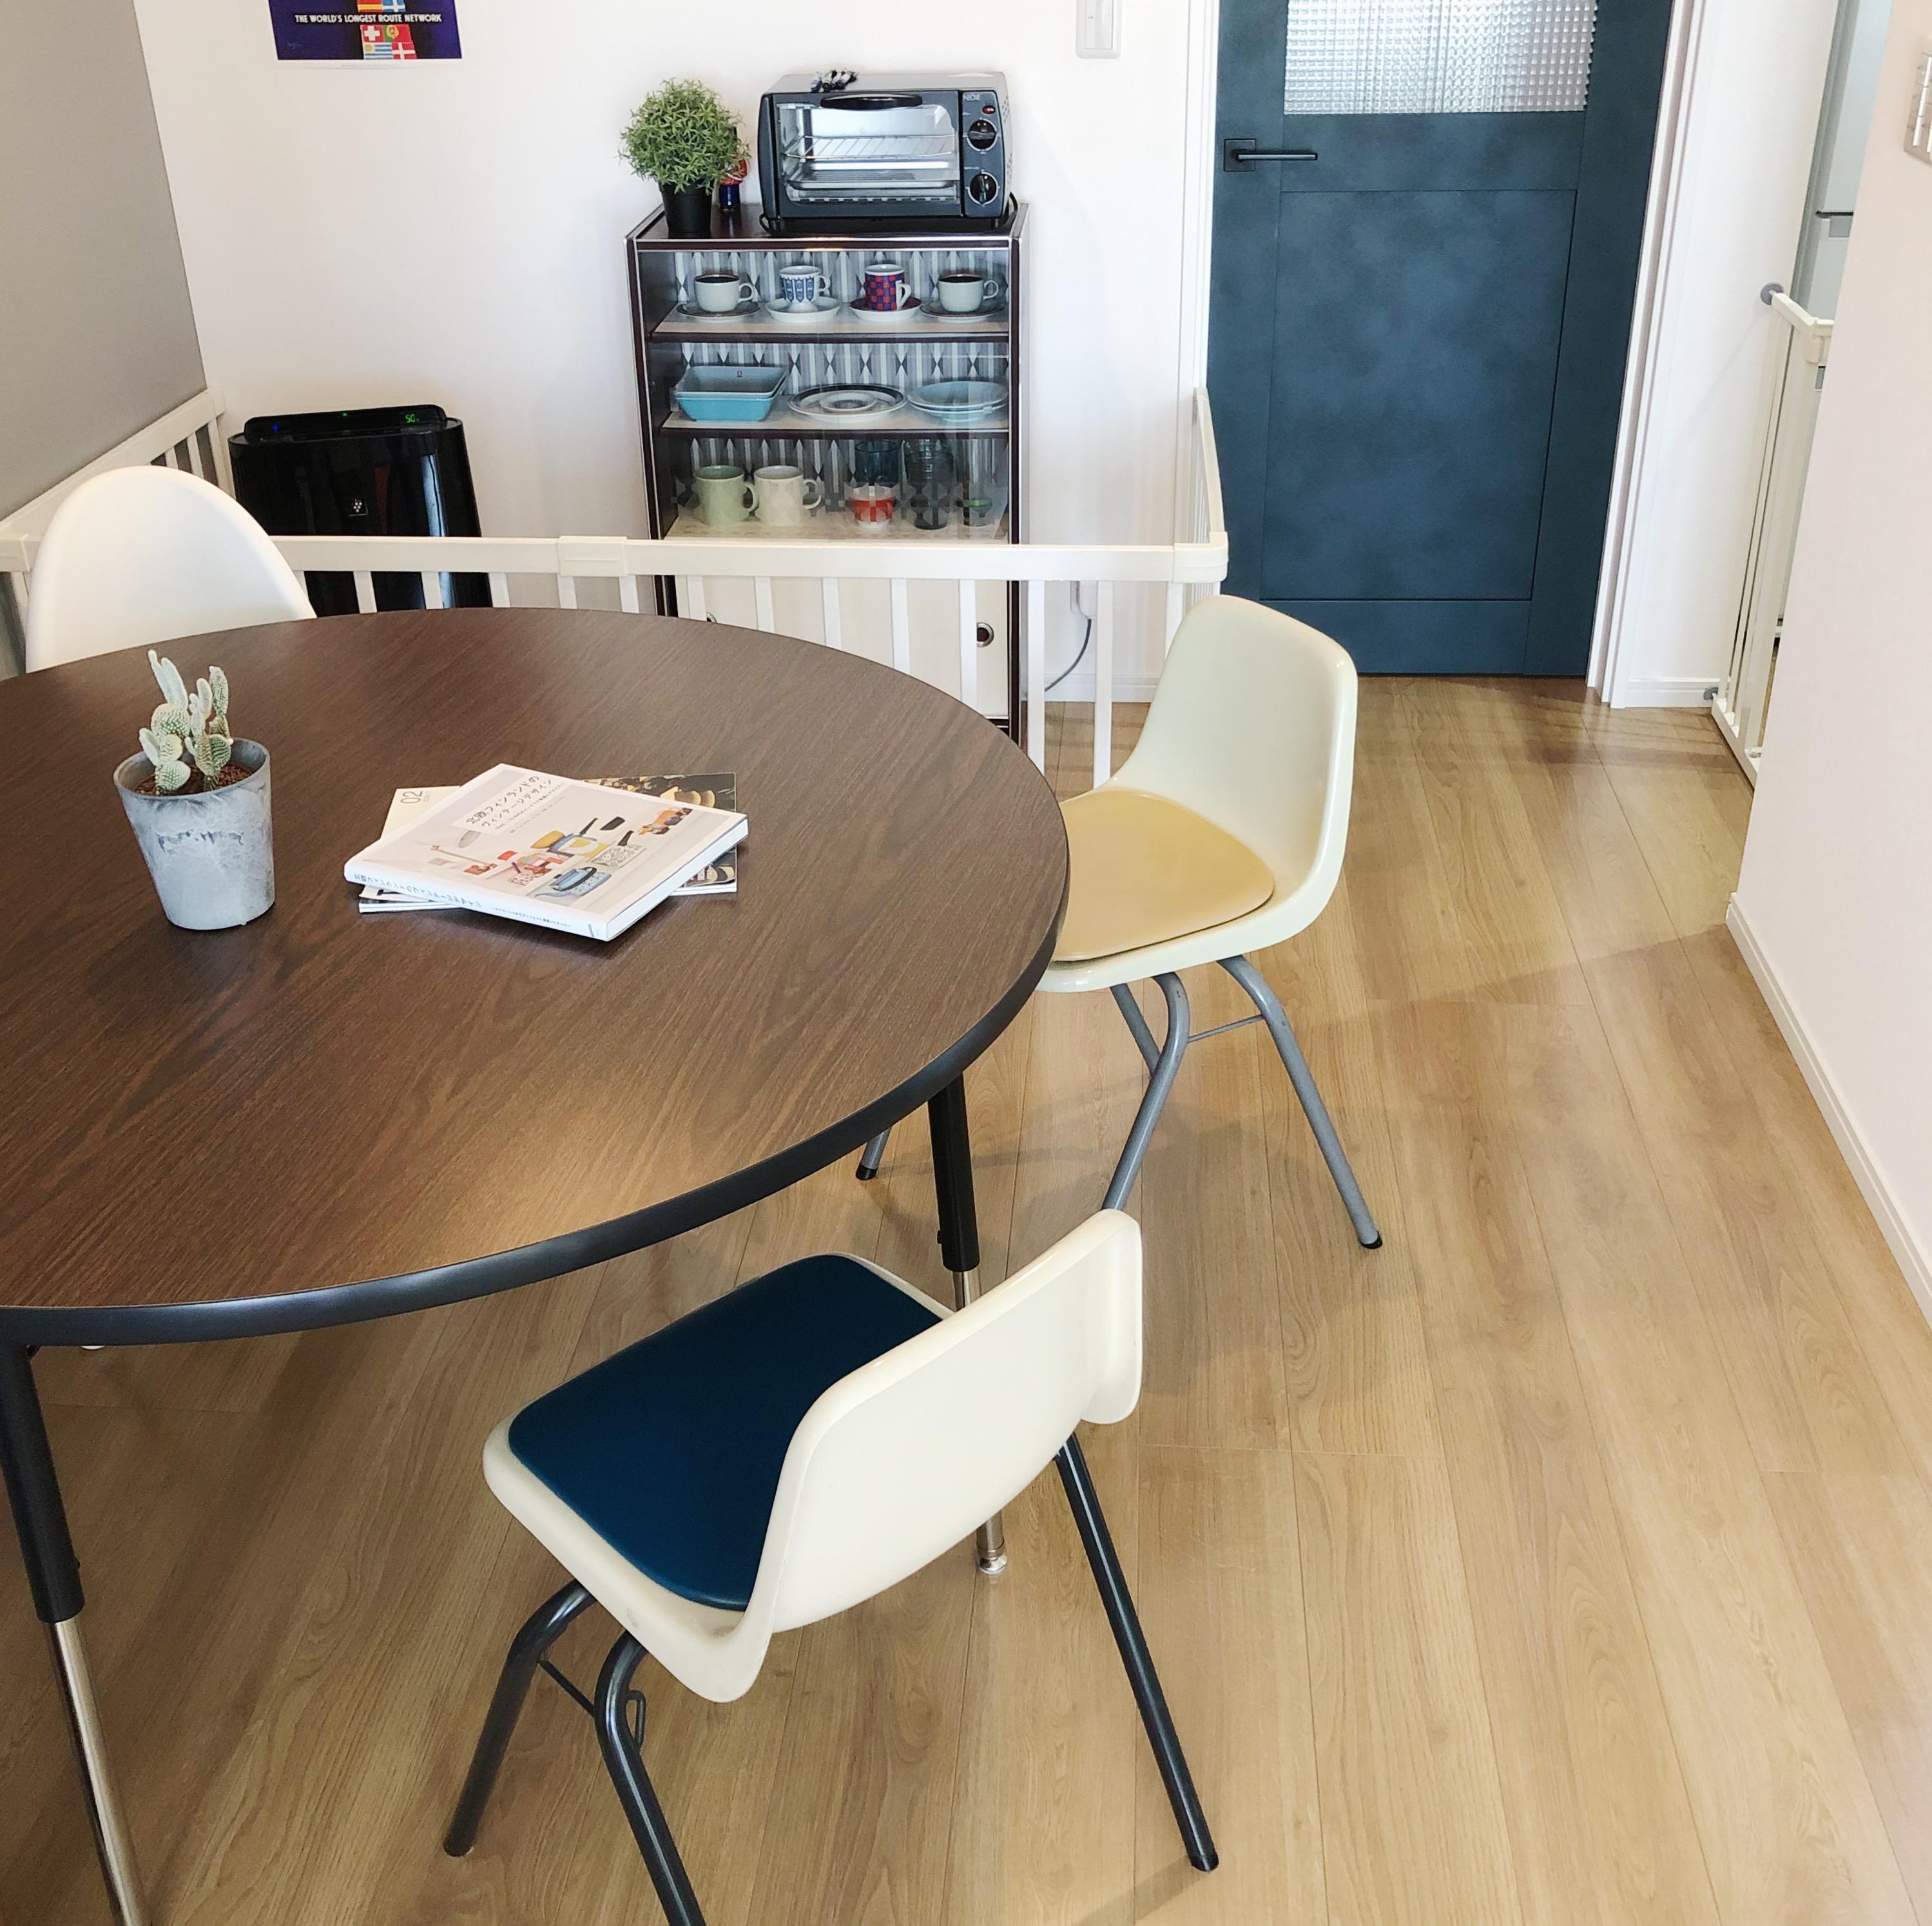 「確かな存在感を放つ、シックでシンプルなラウンドテーブル」 by ujoさん